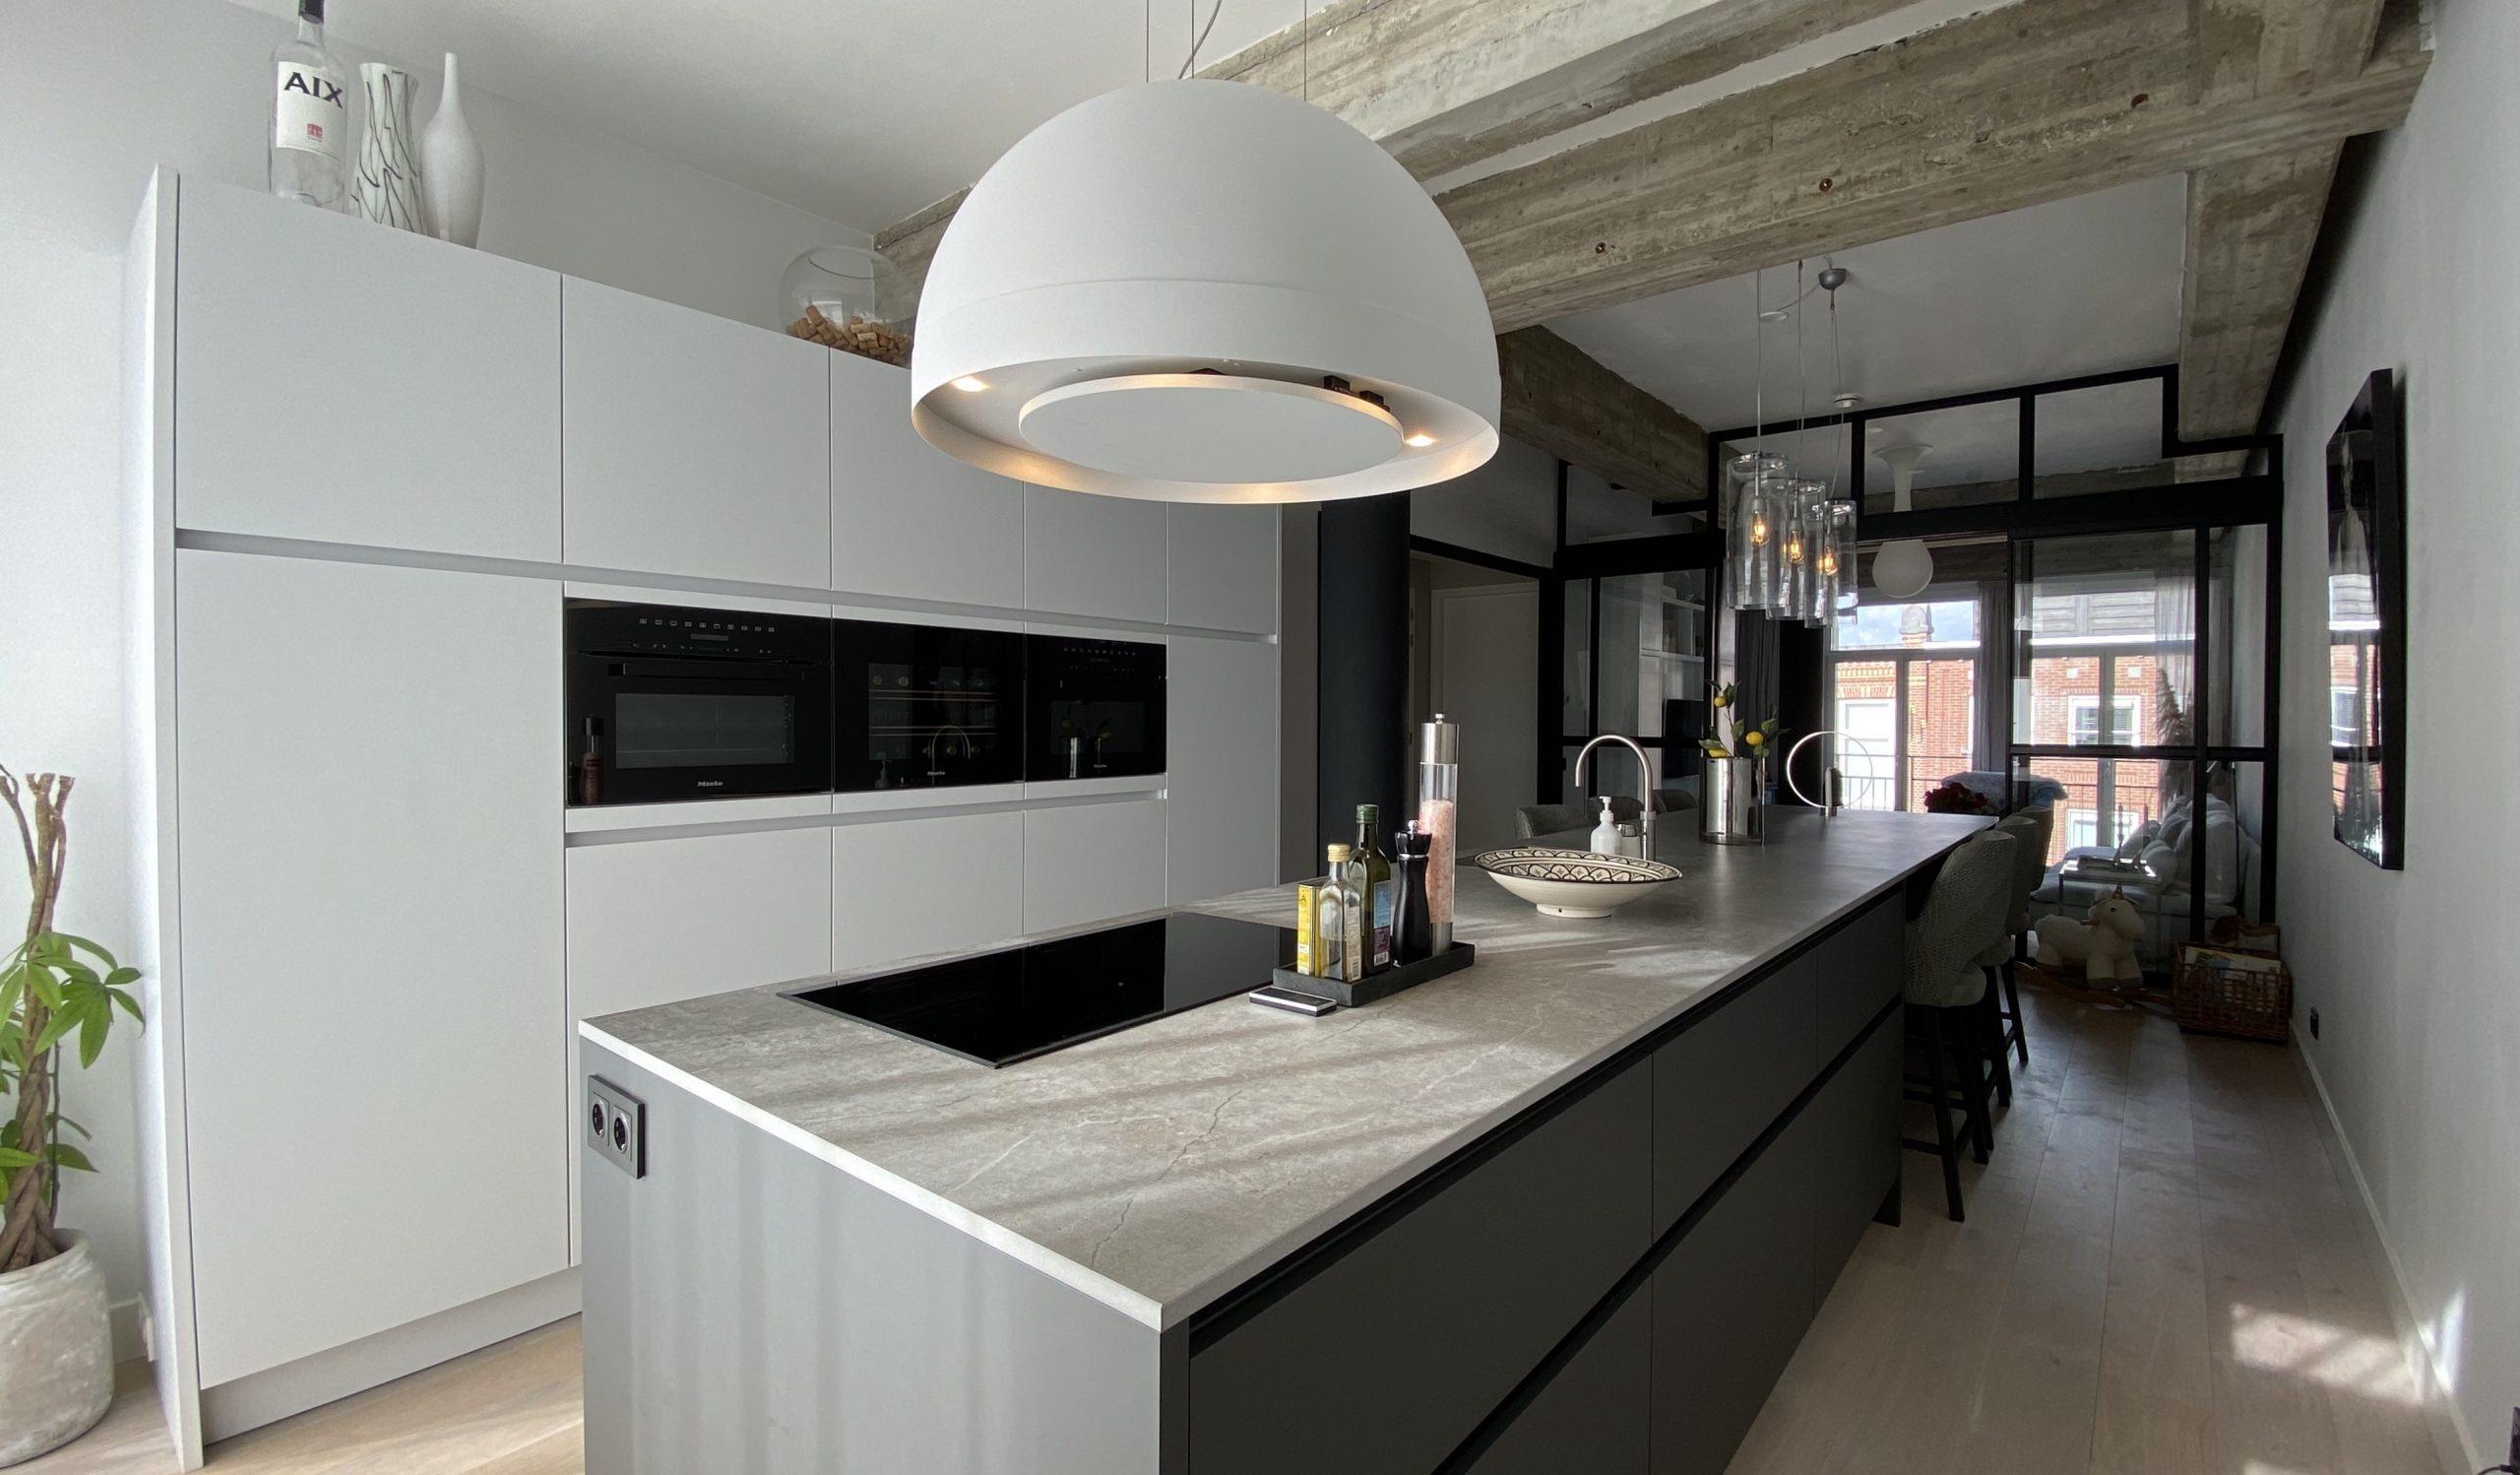 Prachtige designkeuken in het nieuwbouwappartement van Mark en Linda